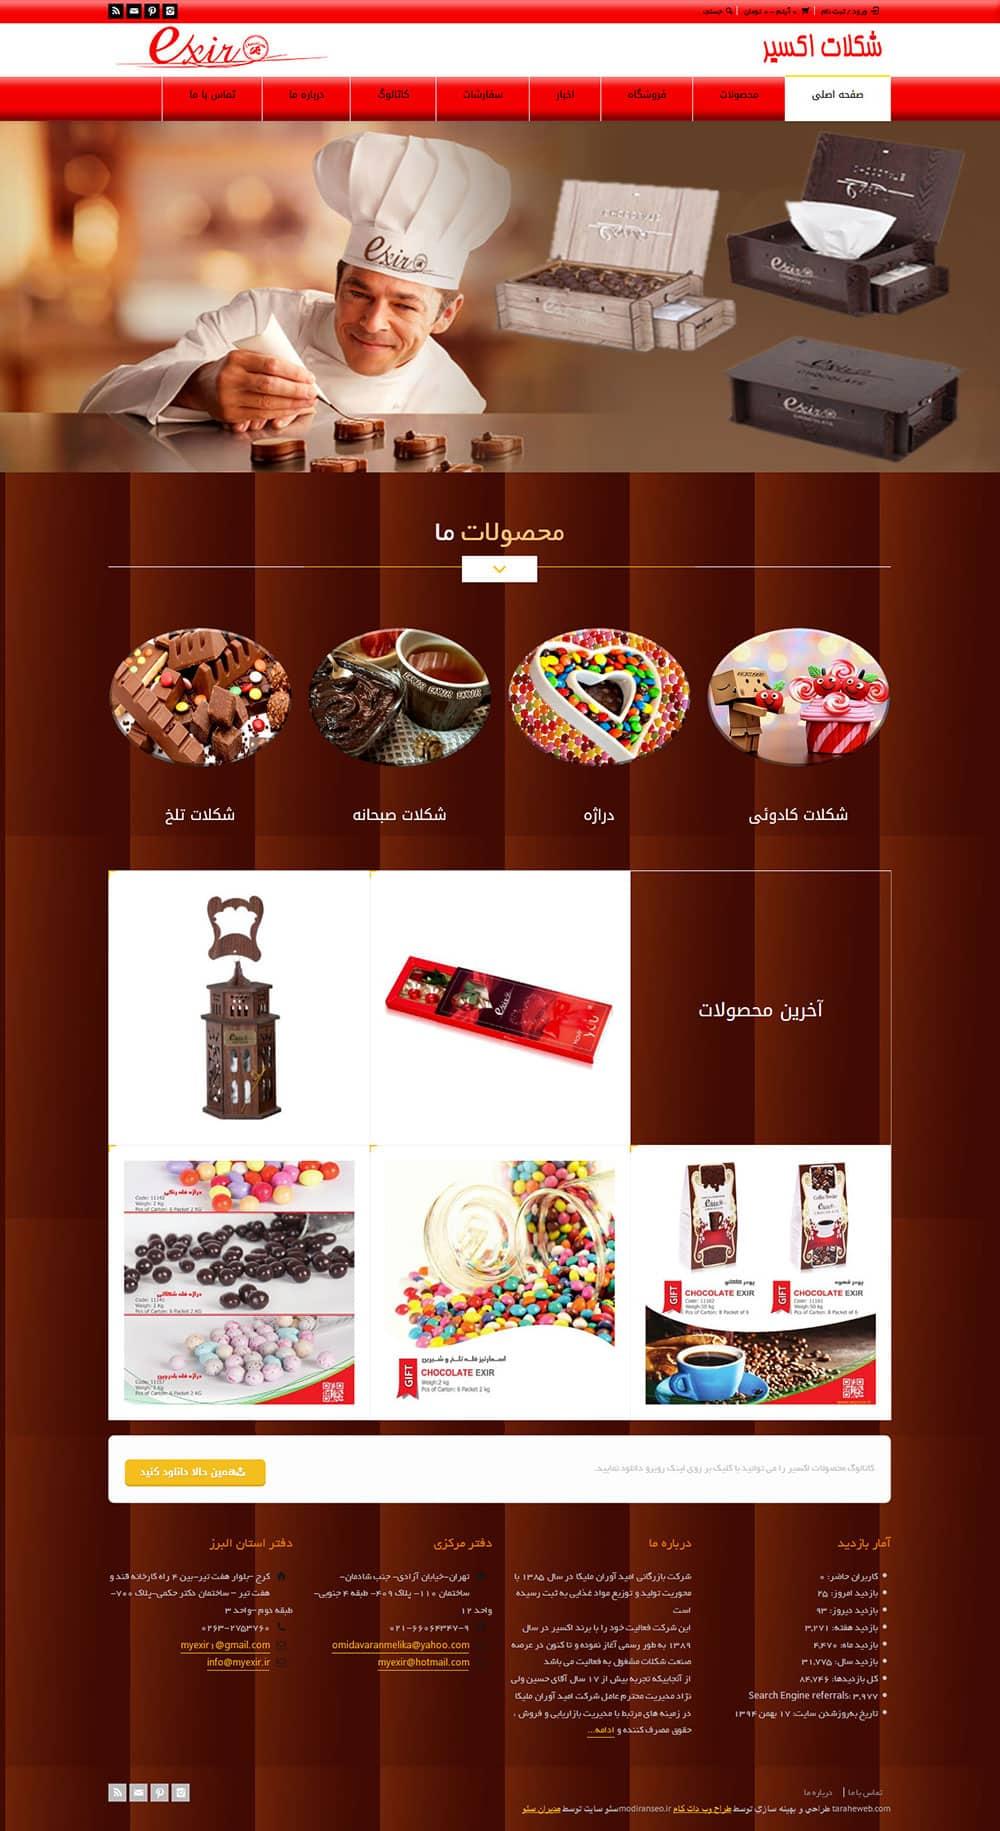 طراحی سایت شکلات اکسیر